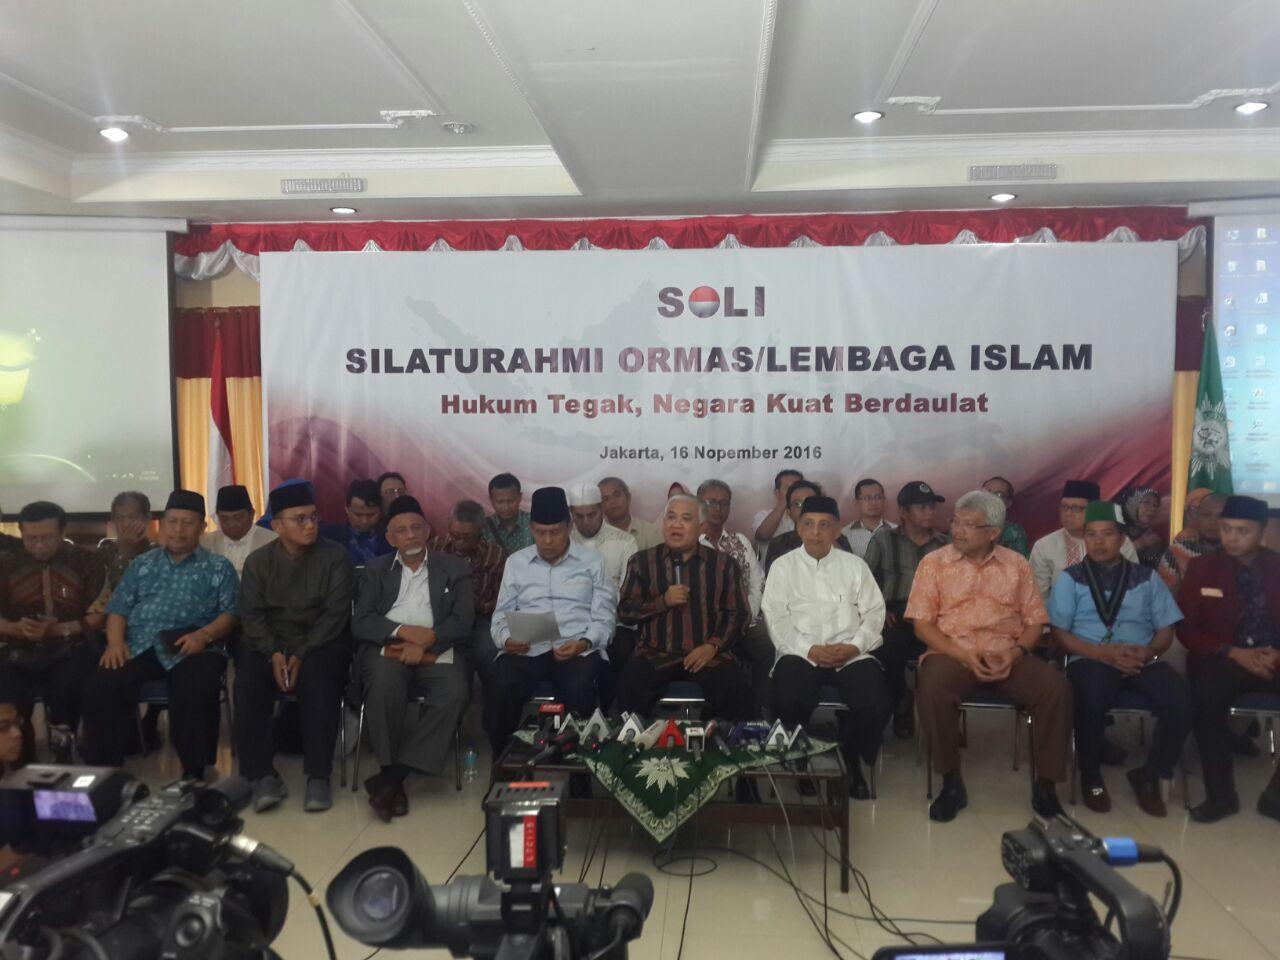 Pimpinan Pusat Ormas-Lembaga Islam Keluarkan Pernyataan Bersama